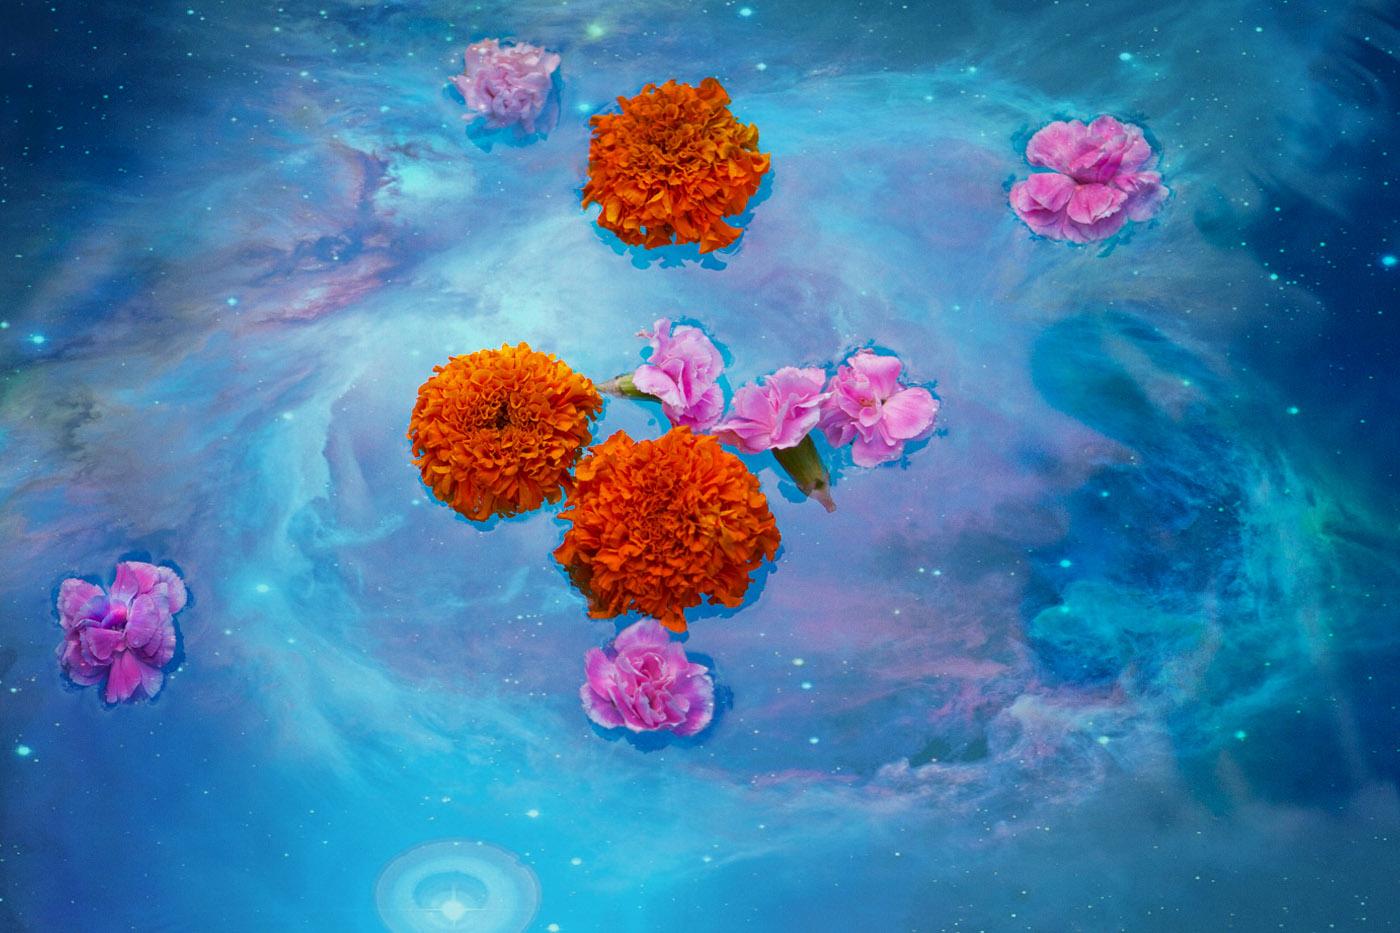 galaxysparkles